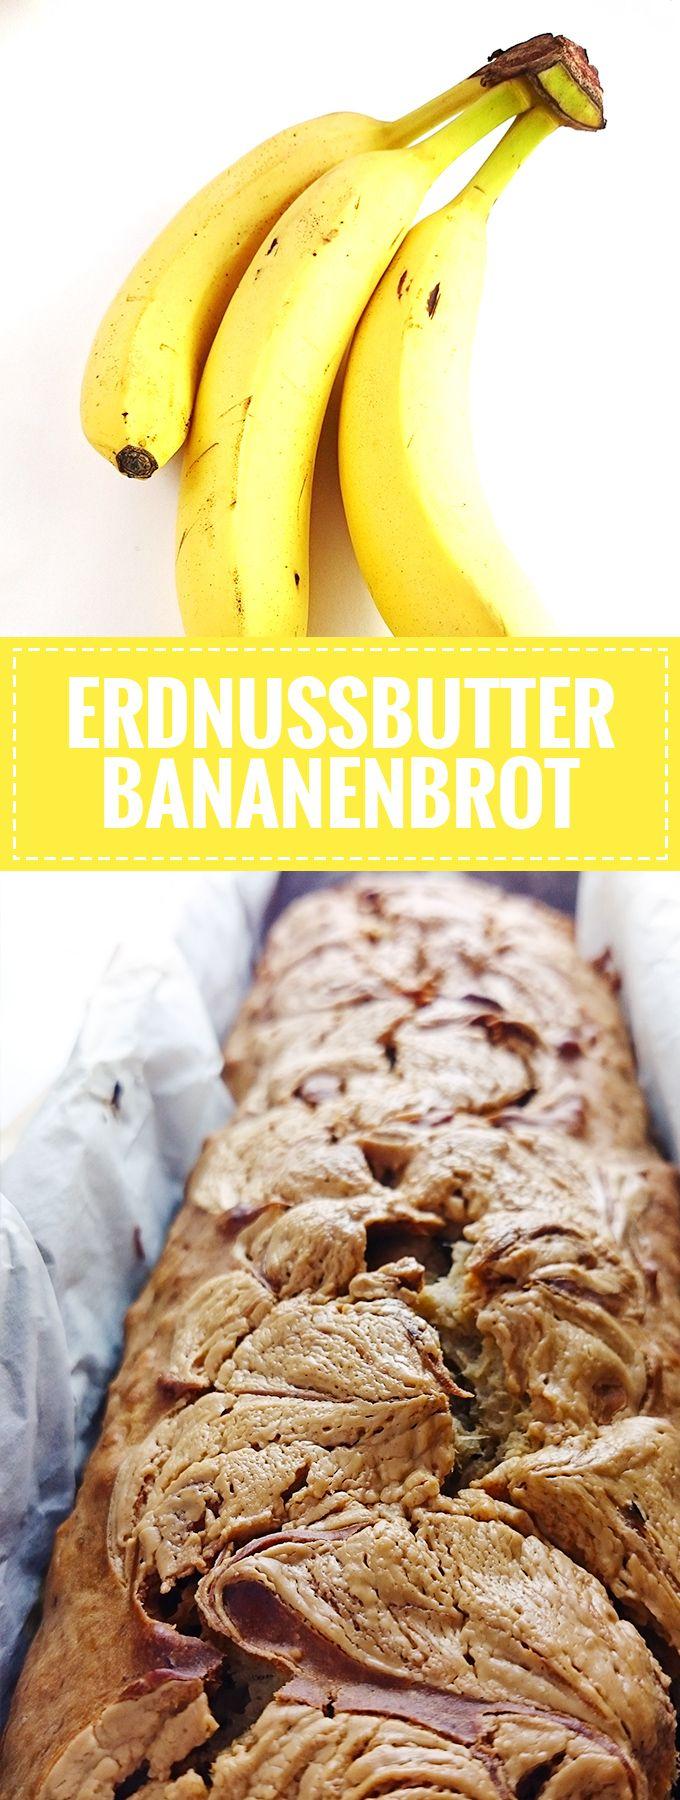 Super einfaches und saftiges Erdnussbutter-Bananenbrot // Knabberkult.de #peanutbuttersquares